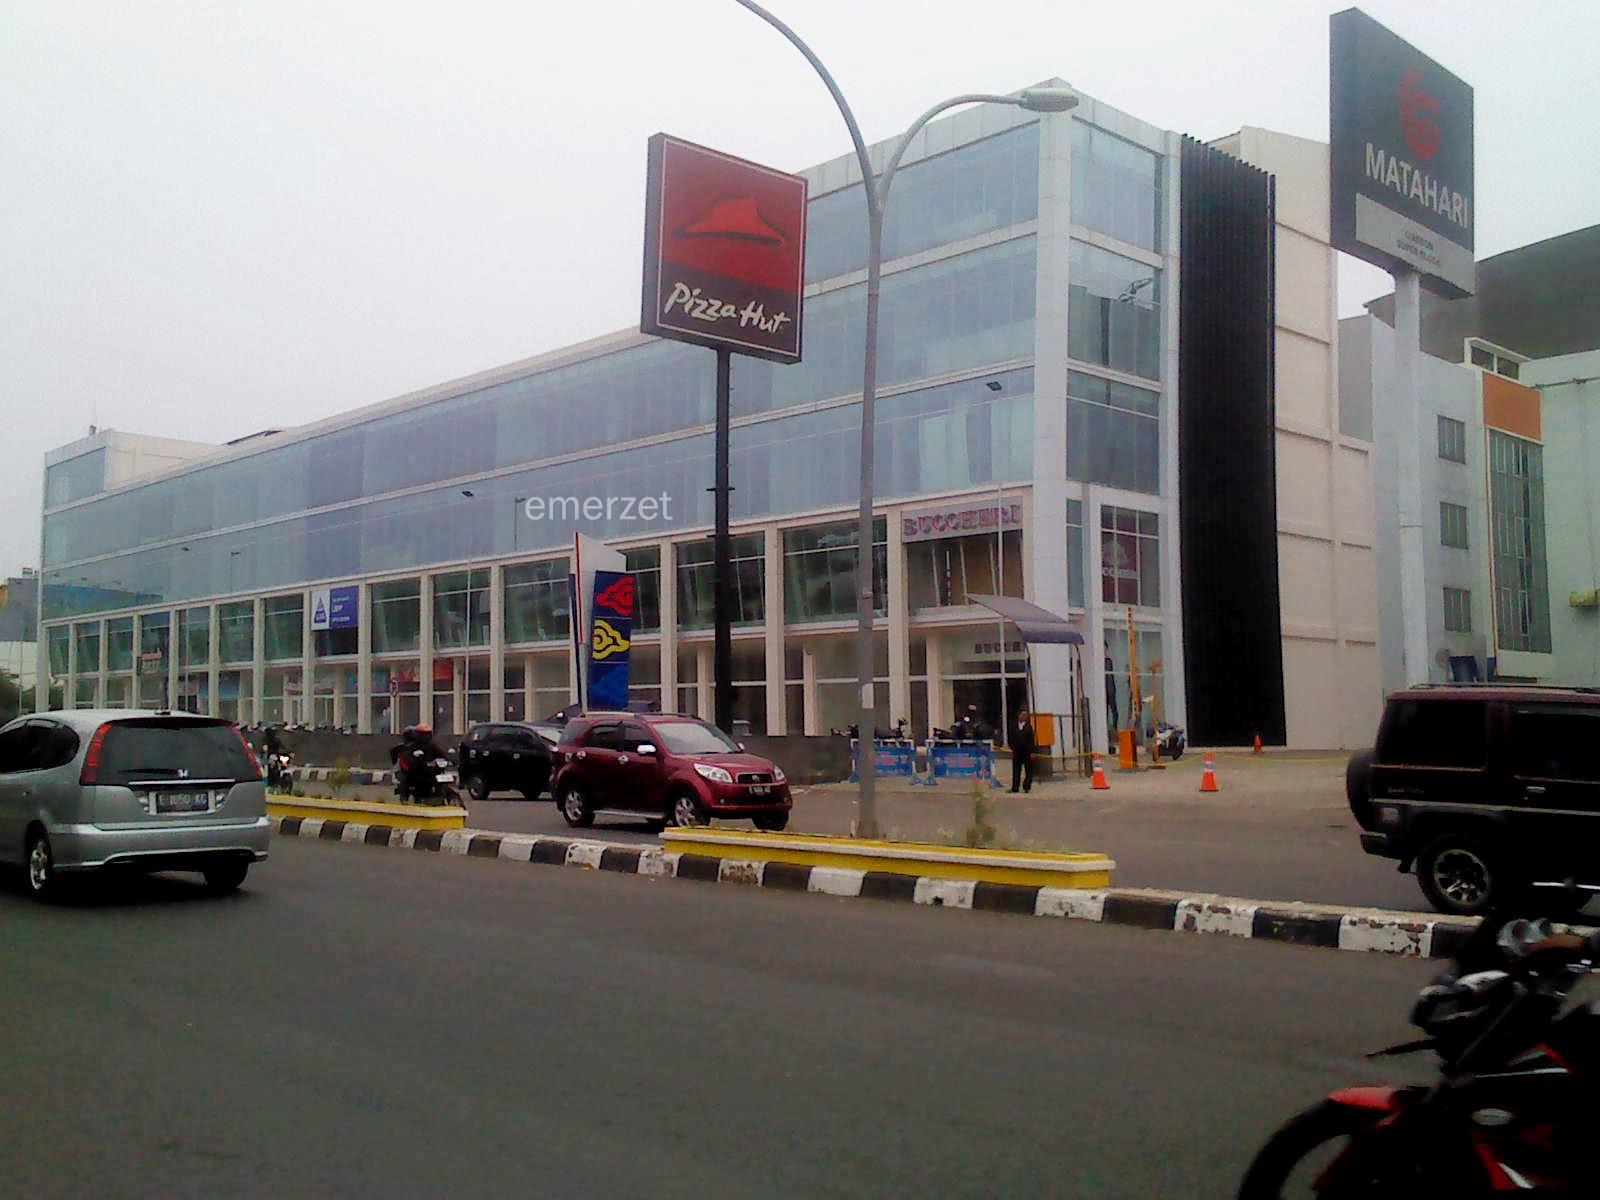 Office Park Cirebon Superblock-kota Cirebon, sesuai penantauan sudah terisi oleh beberapa tenant